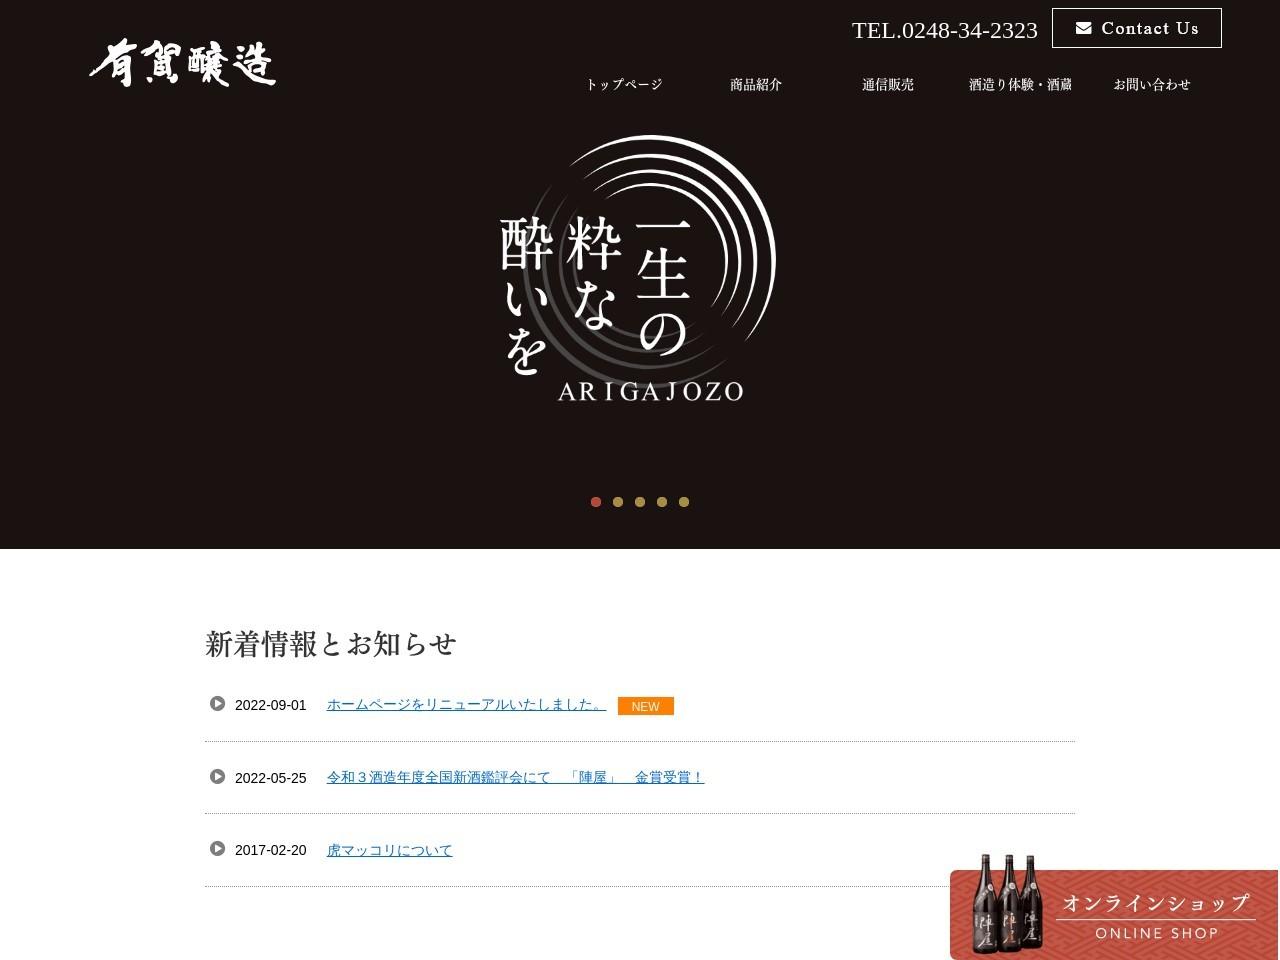 有賀醸造合資会社|日本酒製造・販売|有の川|陣屋|酒造|酒造り体験|虎マッコリ|福島県白河市